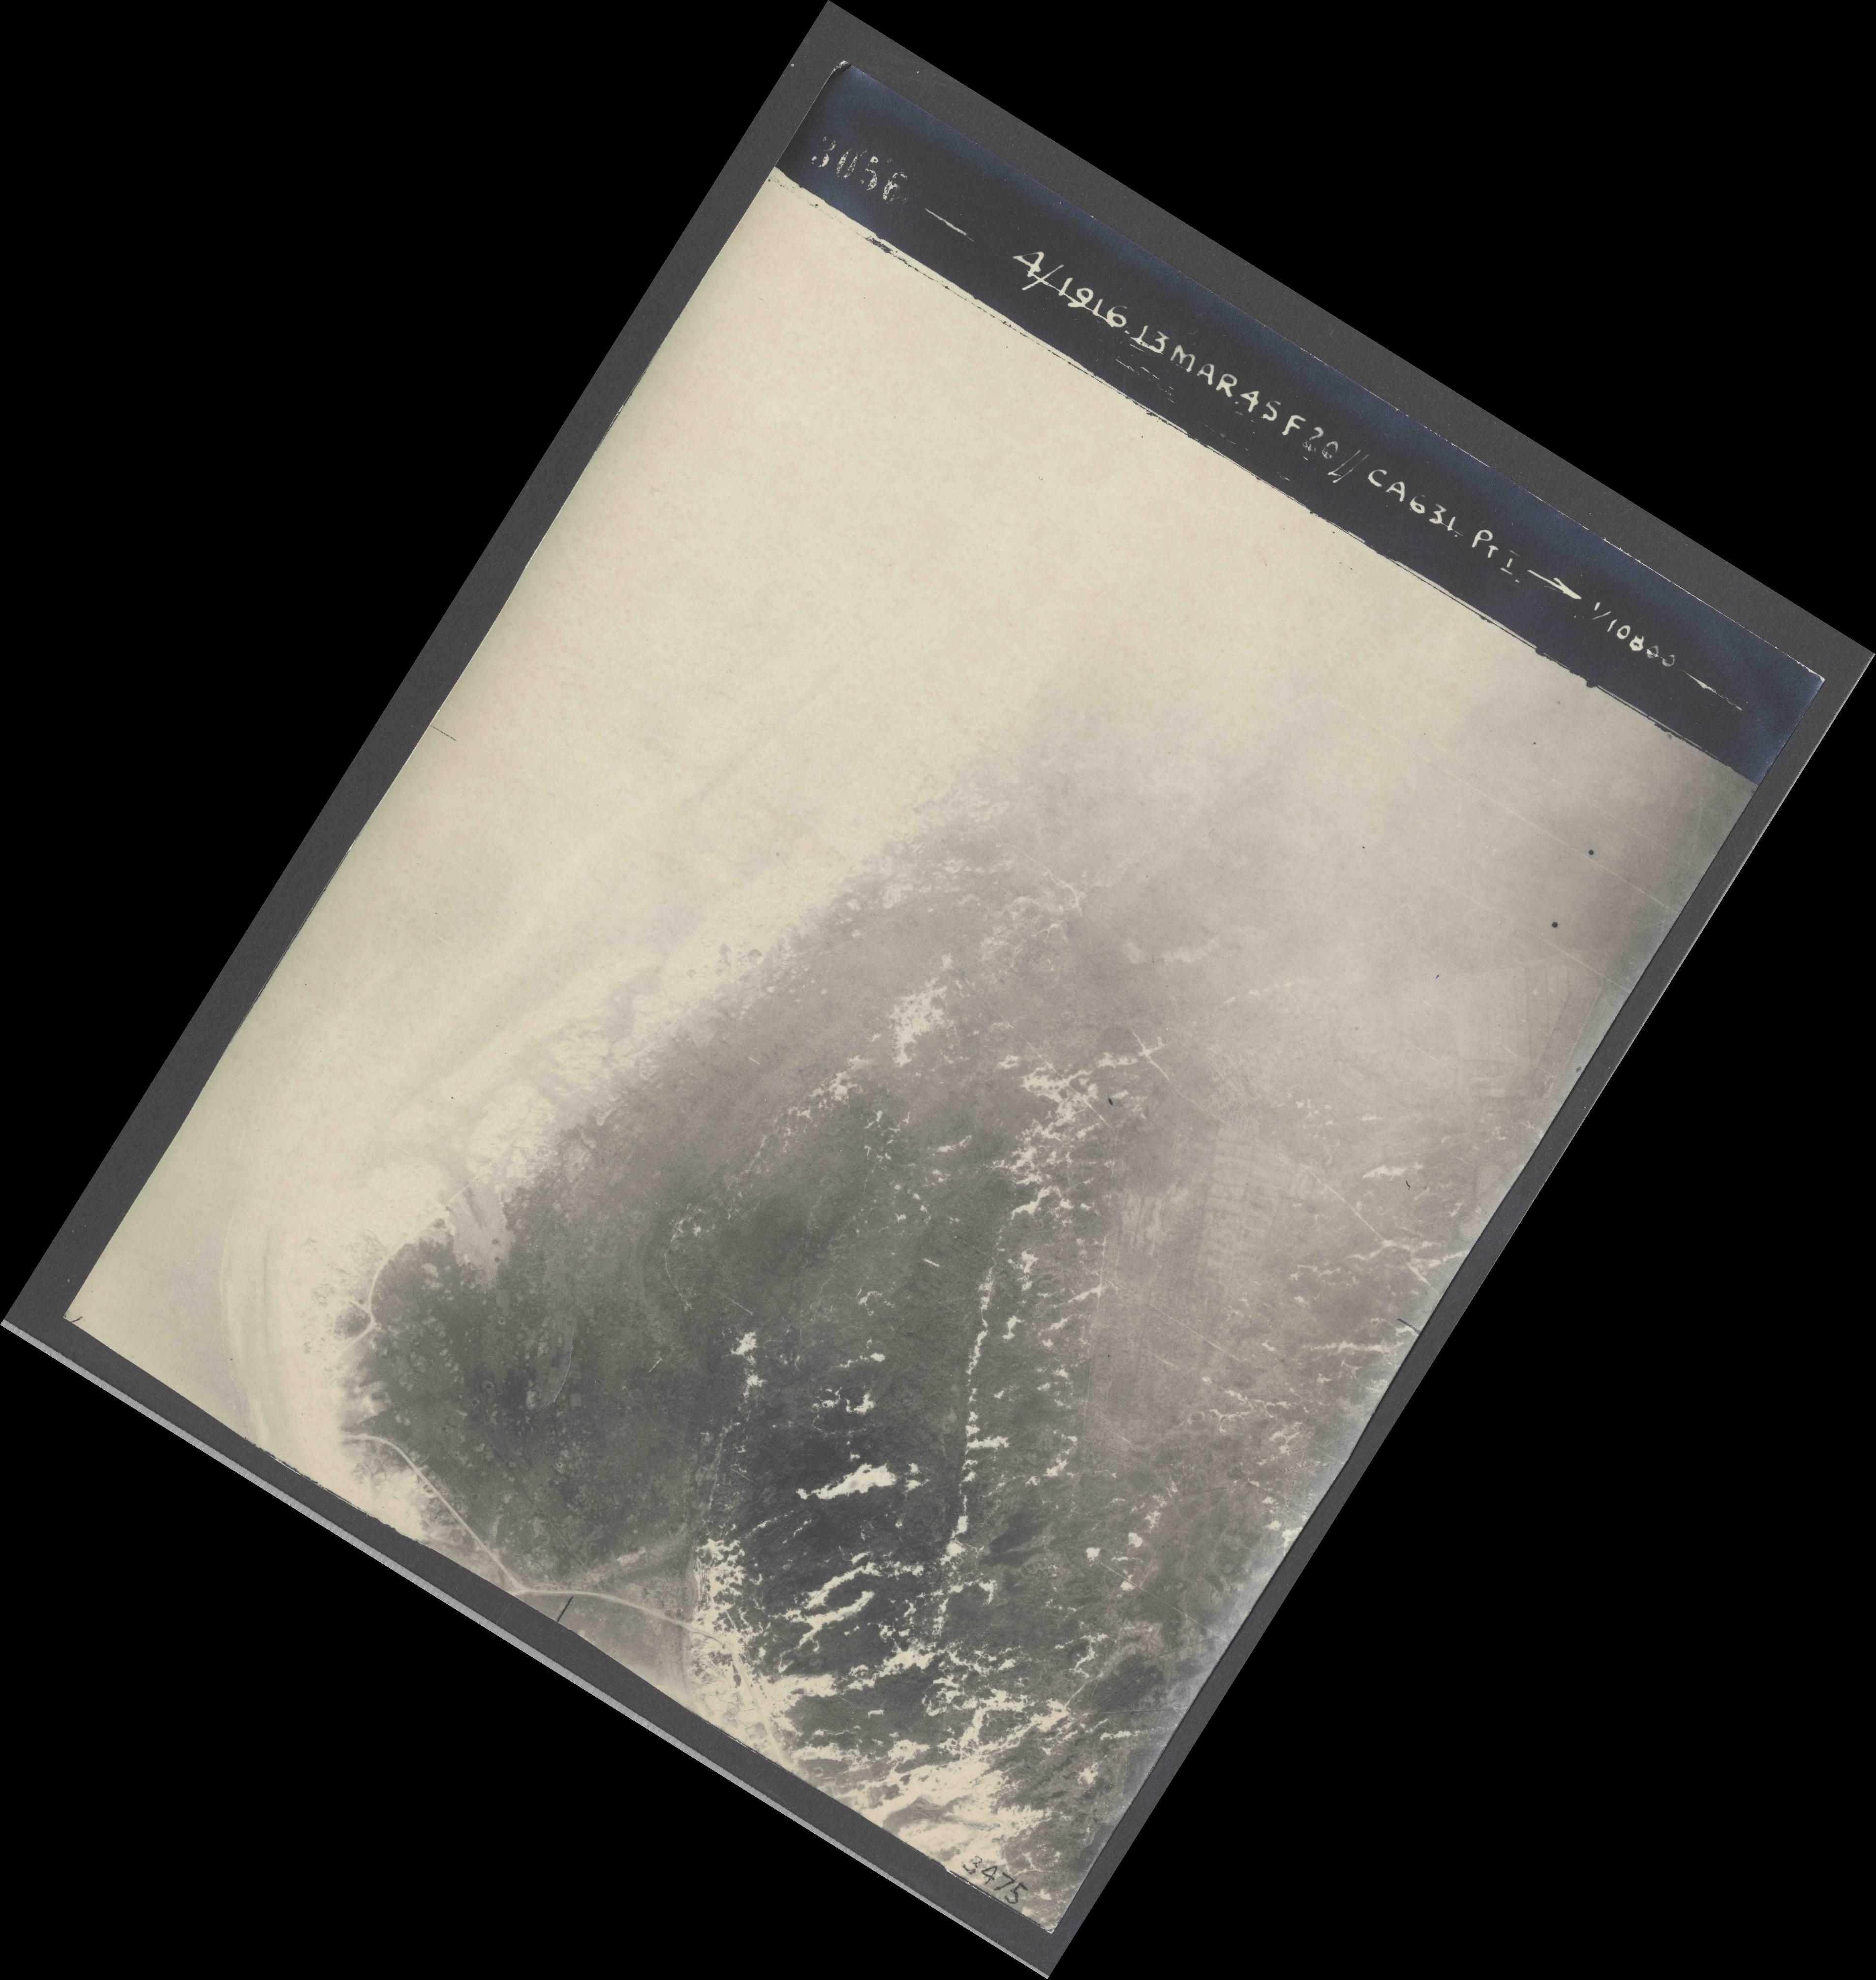 Collection RAF aerial photos 1940-1945 - flight 085, run 01, photo 3056